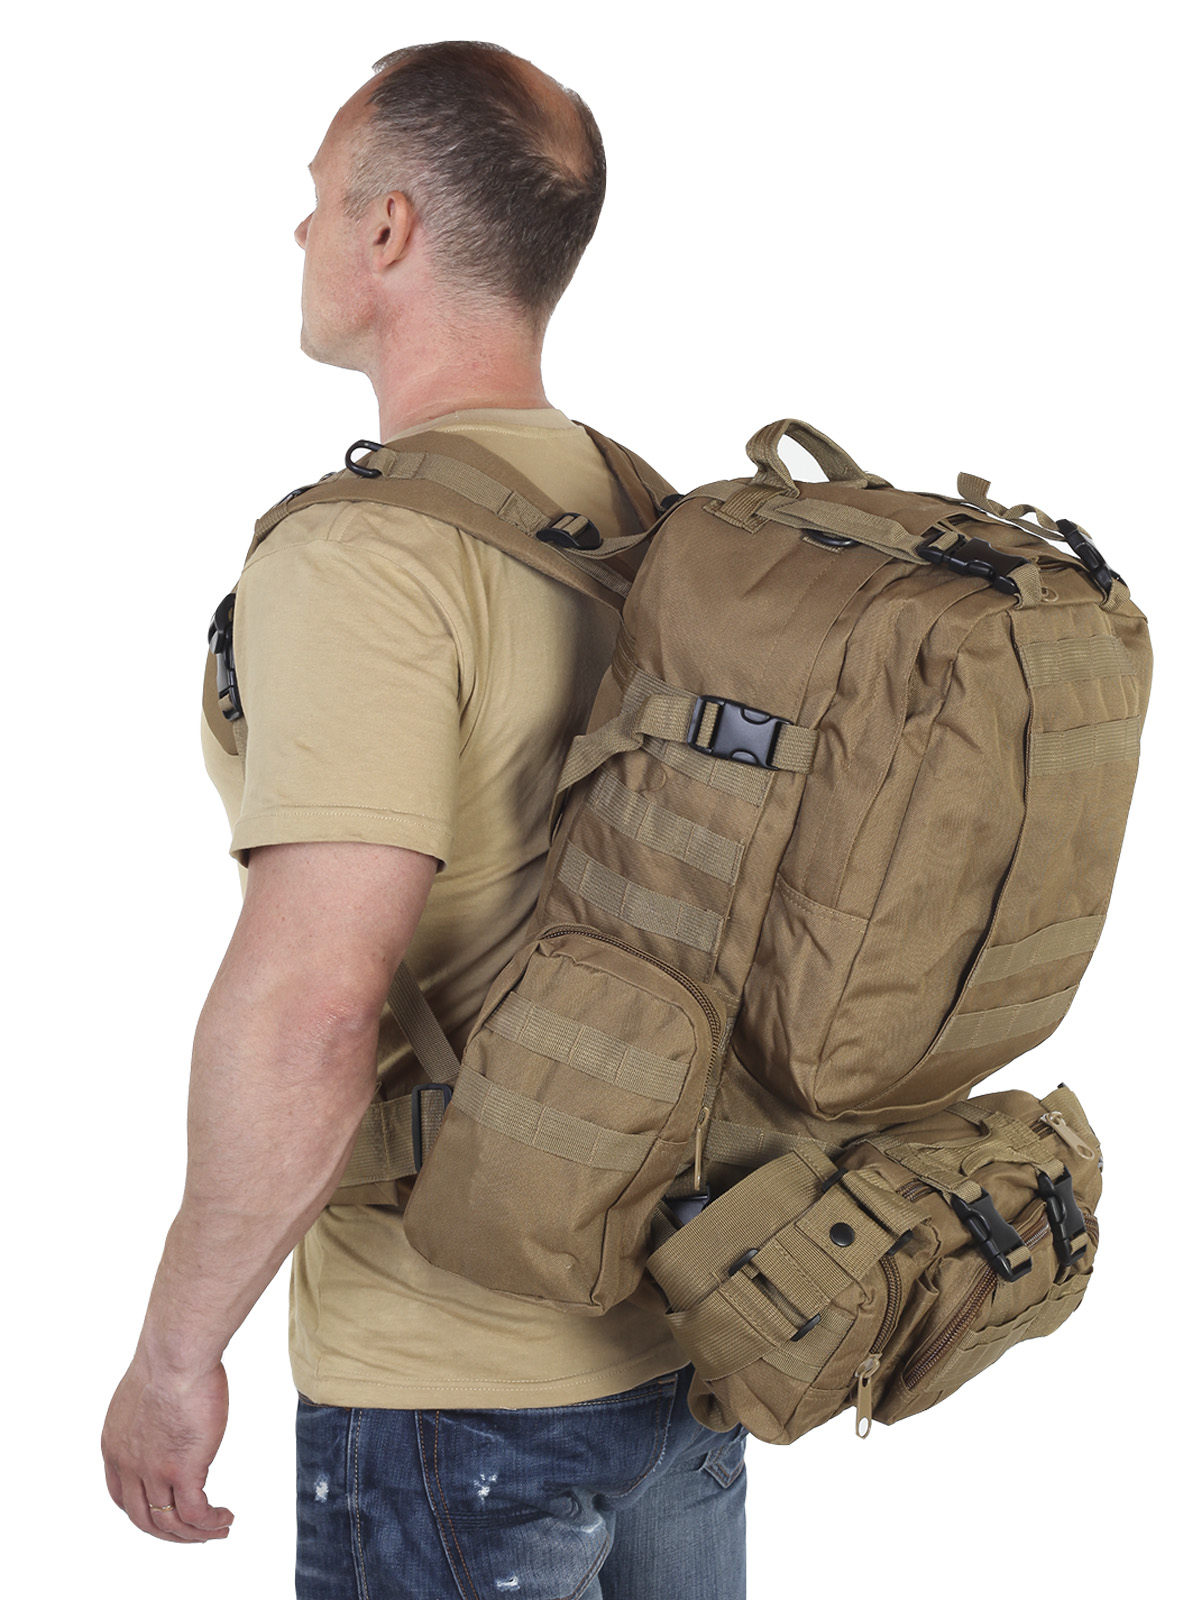 Особопрочный военный рюкзак для рыбаков и охотников 35-50 л